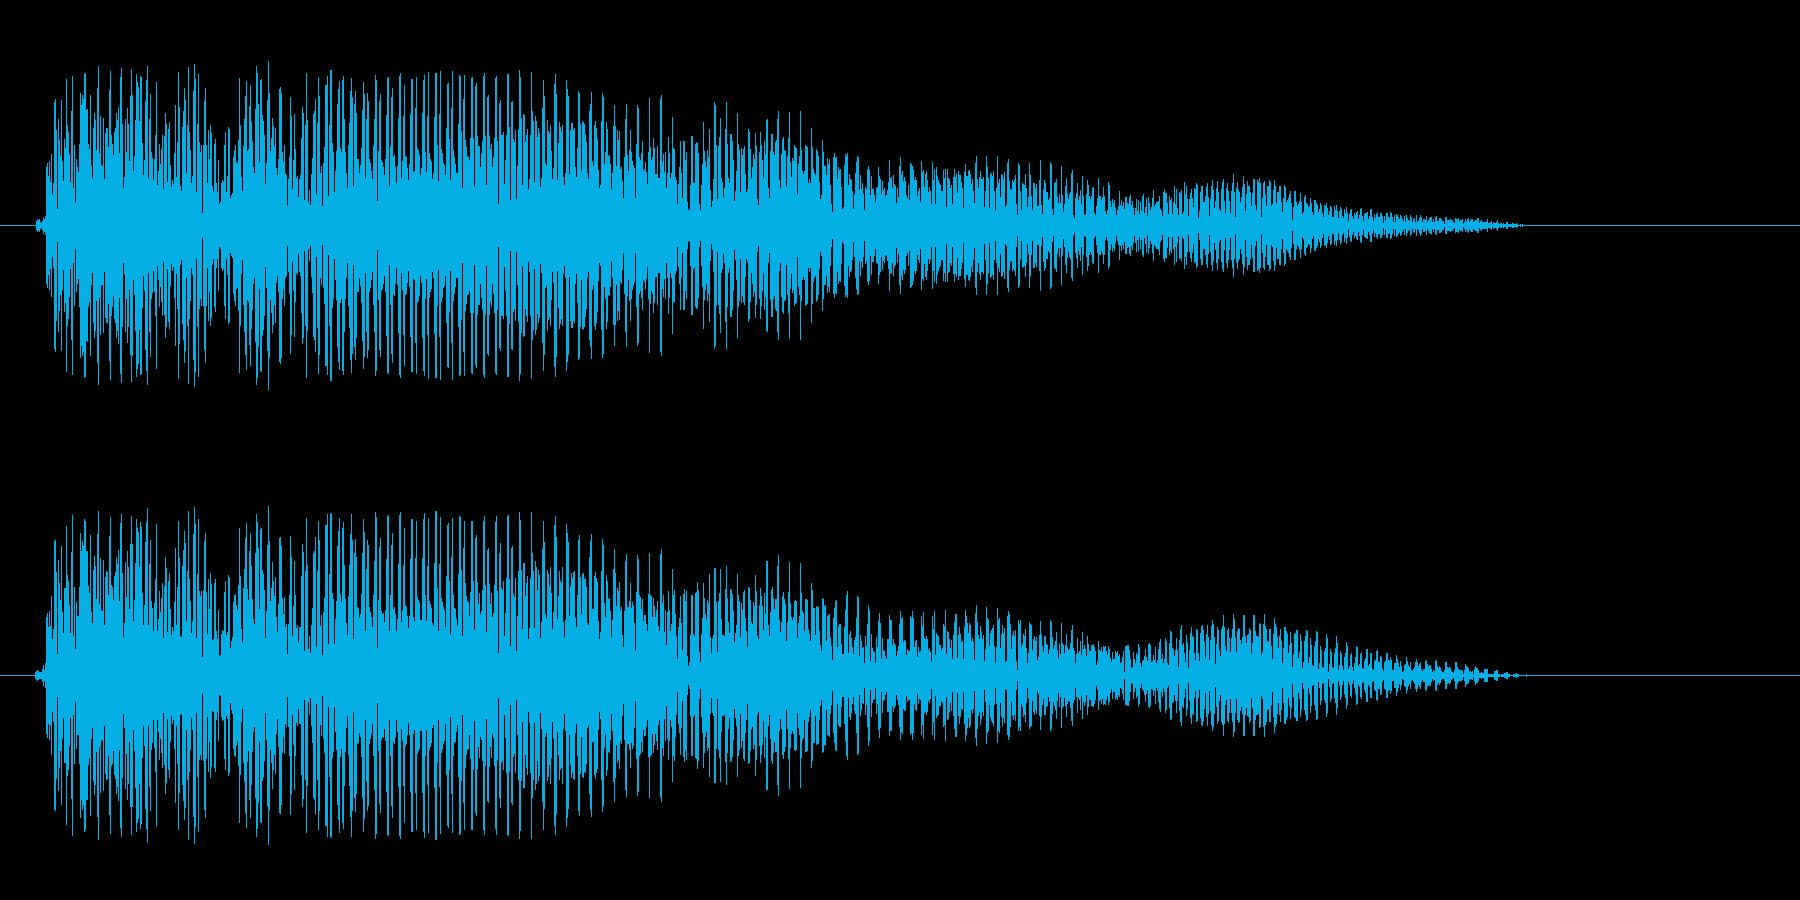 ウミョォーン、というコミカルな音の再生済みの波形